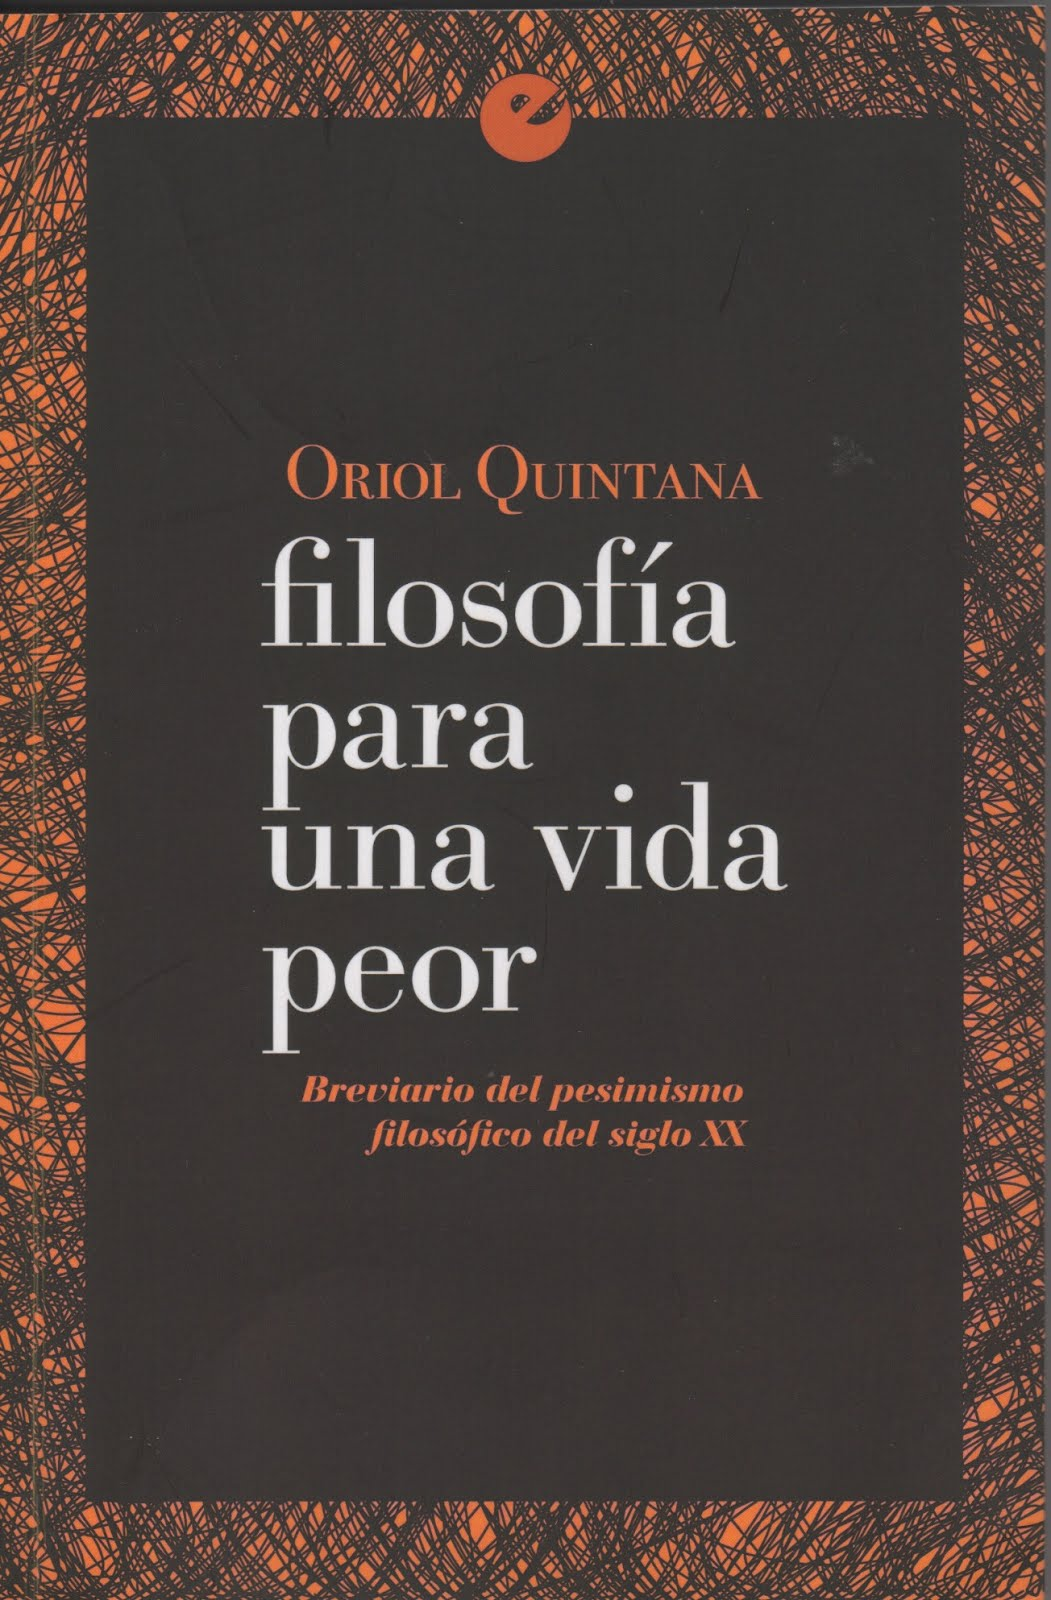 Oriol Quintana (Filosofía para una vida peor) Brevario del pesimismo filosófico del siglo XX